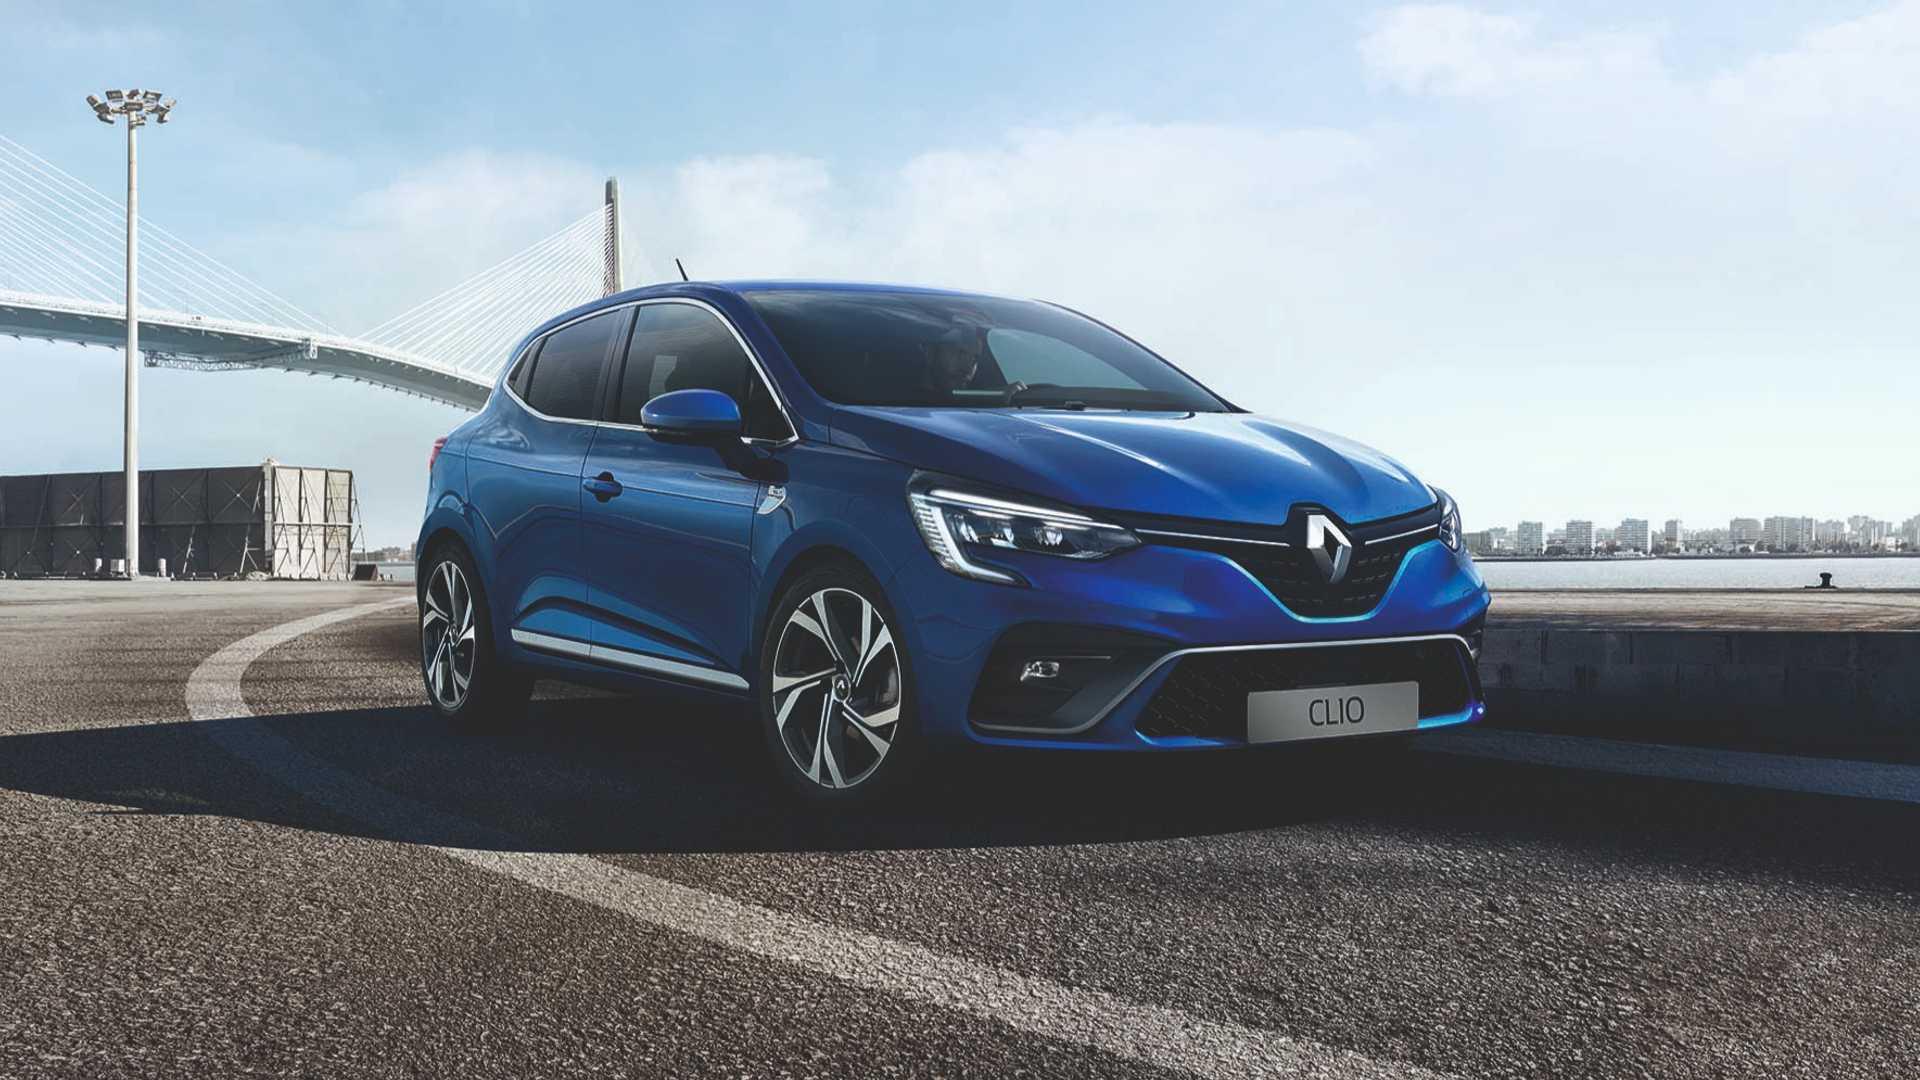 2019 Renault Clio Reveals Upscale Exterior Ahead Of Geneva